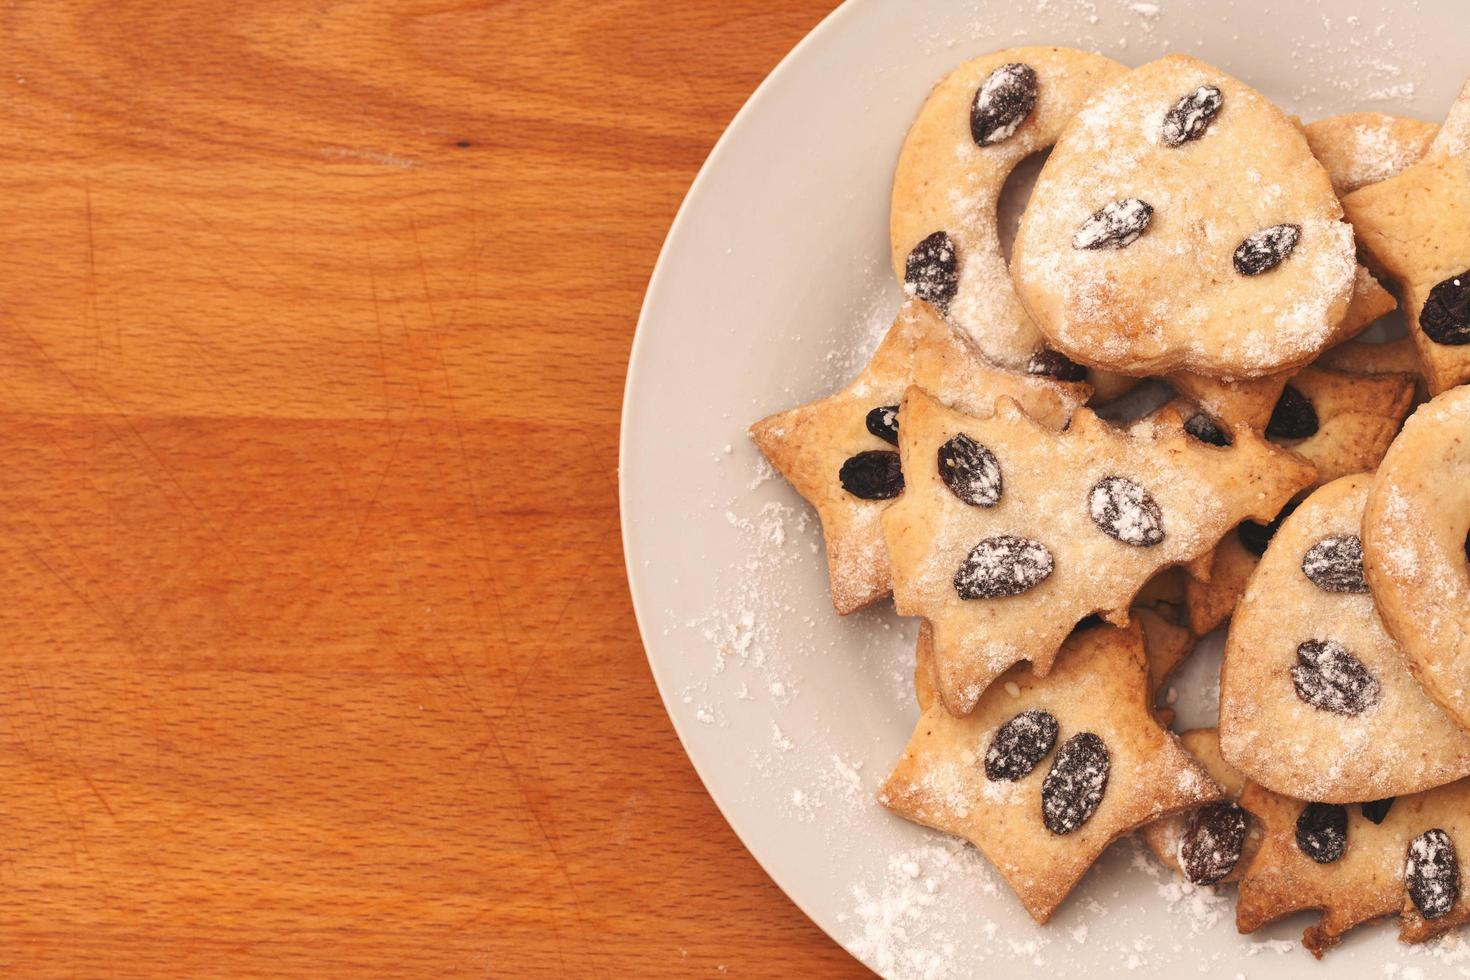 biscuits maison aux raisins secs photo